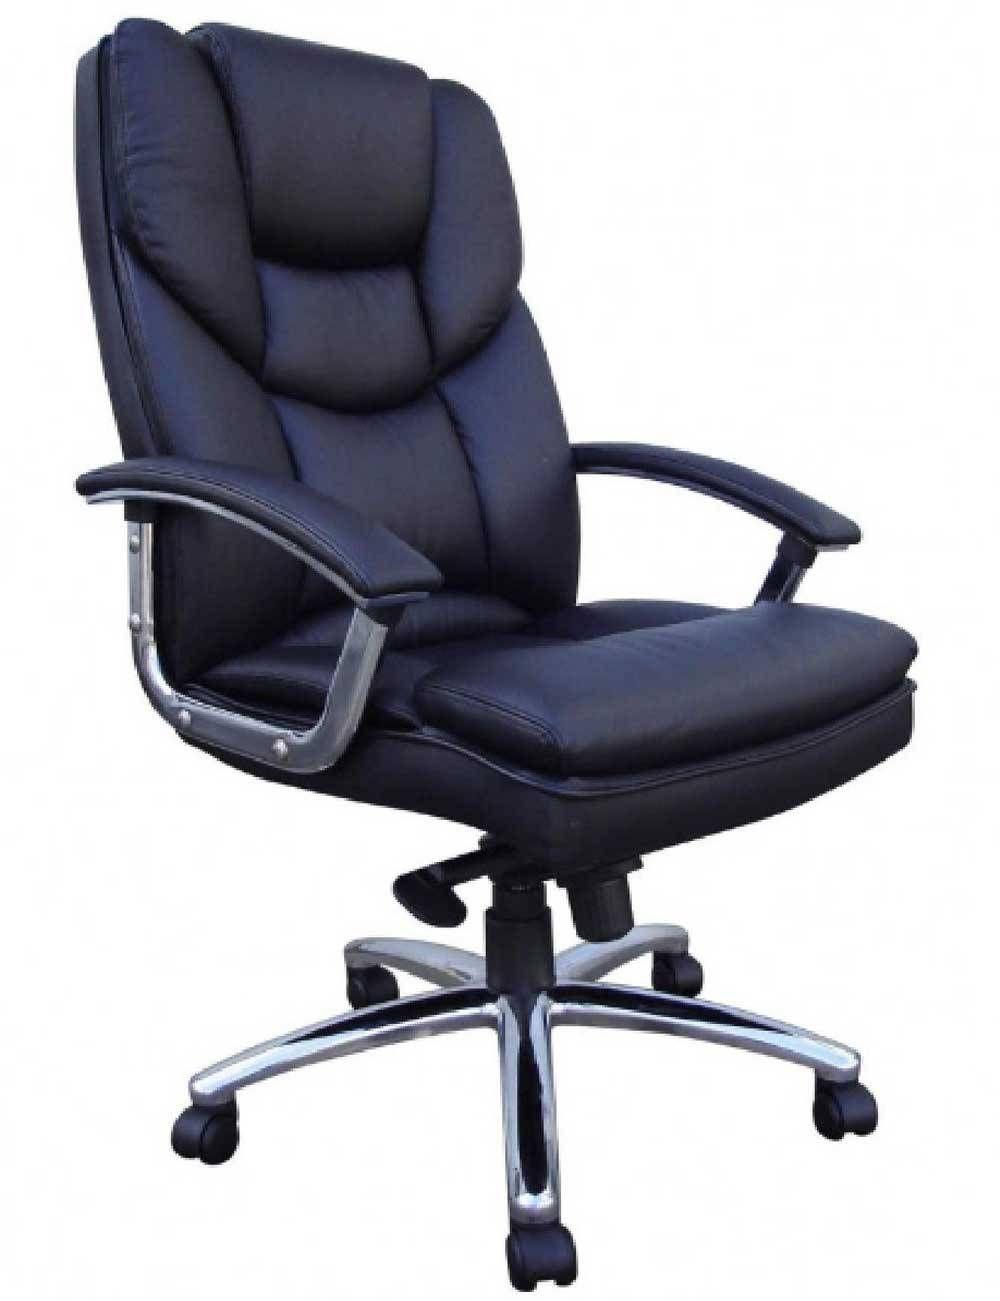 Luxus Büro Stühle | BüroMöbel | Pinterest | Luxus-büro, Büromöbel ...